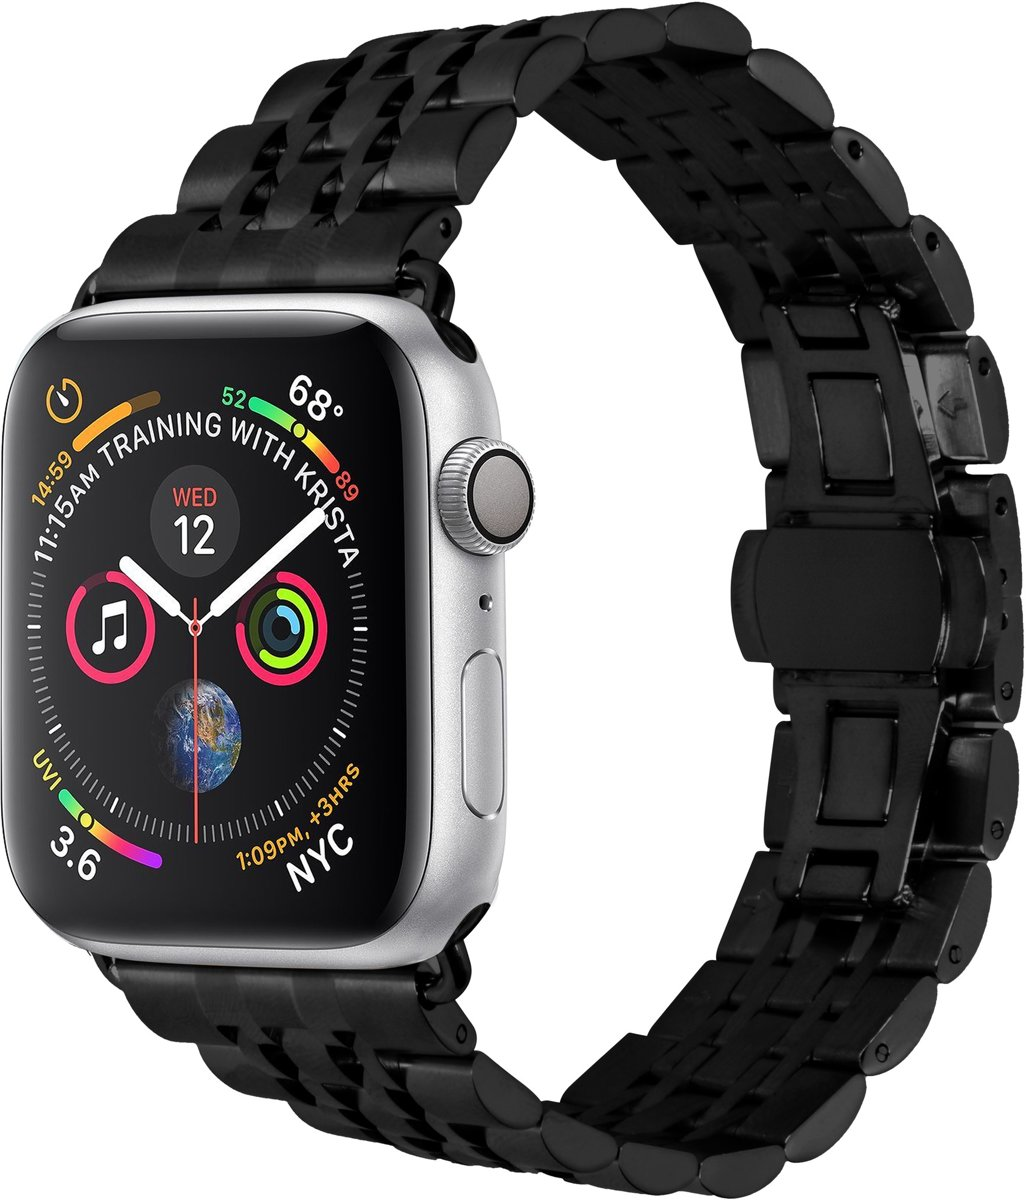 Zwart Stainless Steel bandje voor de Apple Watch 40 / 38 mm kopen